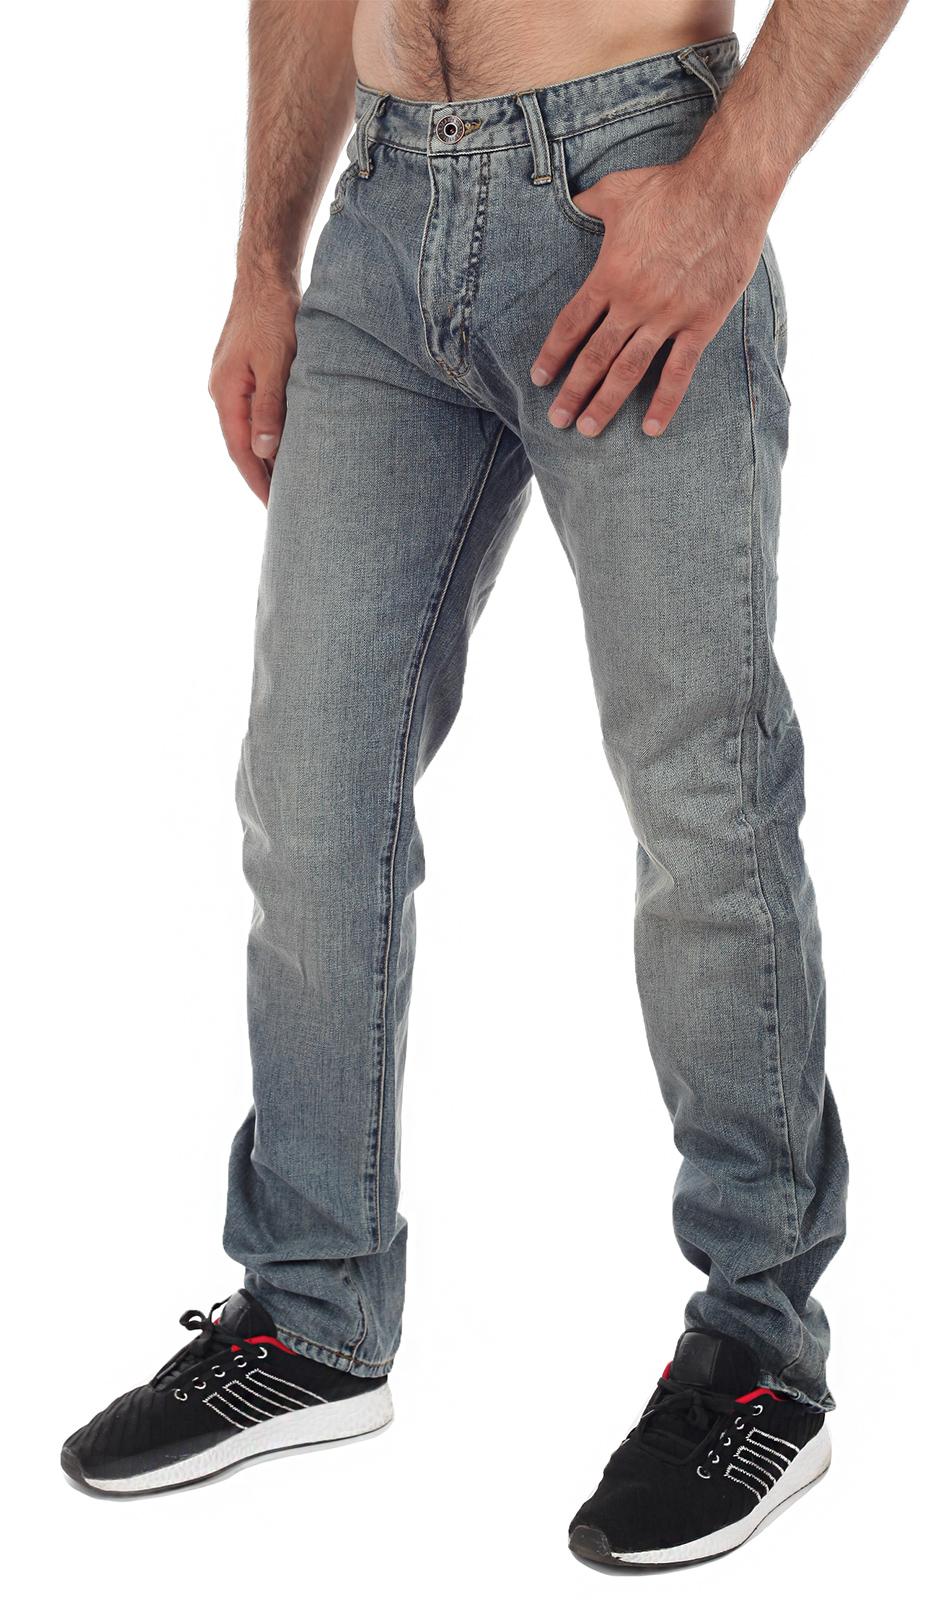 165178b0294 Закупка  4 СП Брендовая одежда по доступным ценам. НОВИНКИ! Цены ...